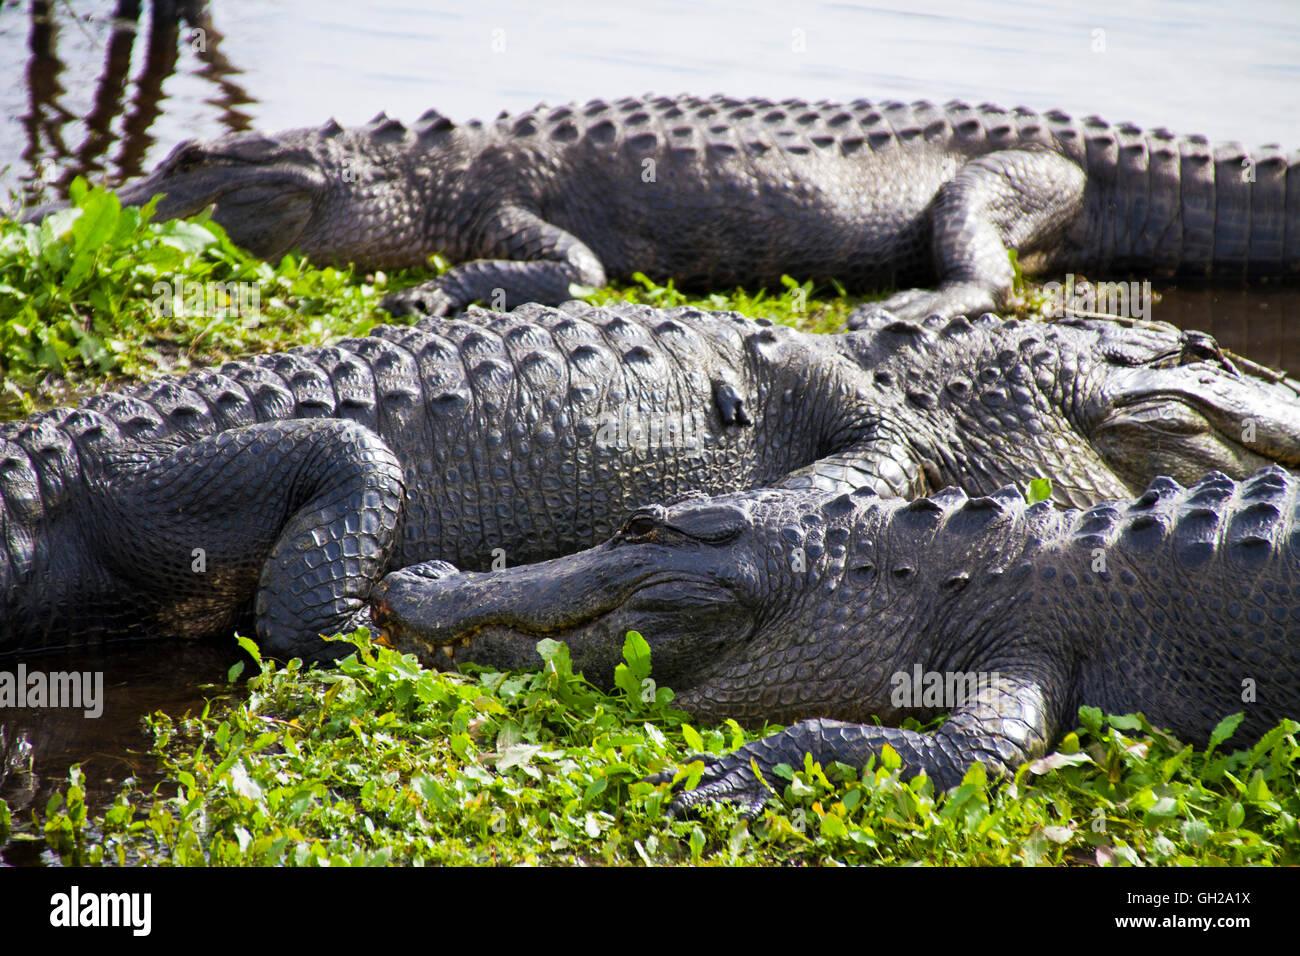 Lagartos americanos sentados a lo largo de la orilla de un pantano en Gainesville, Florida Foto de stock